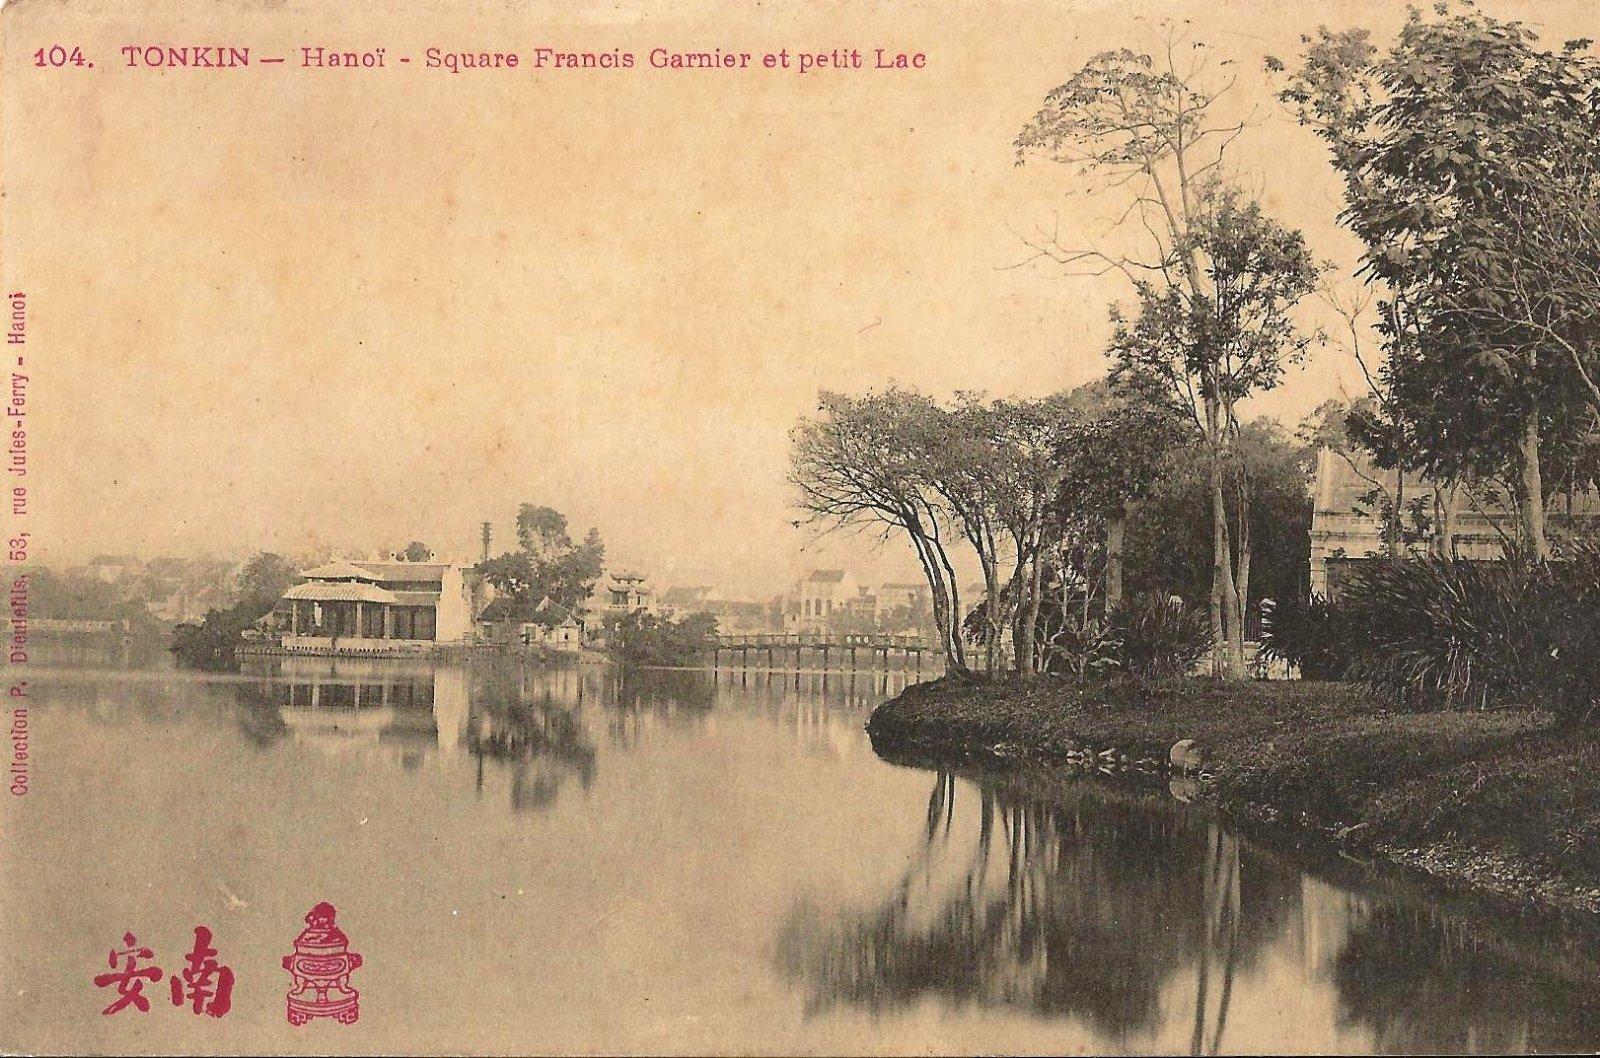 Tonkin anoi 1909